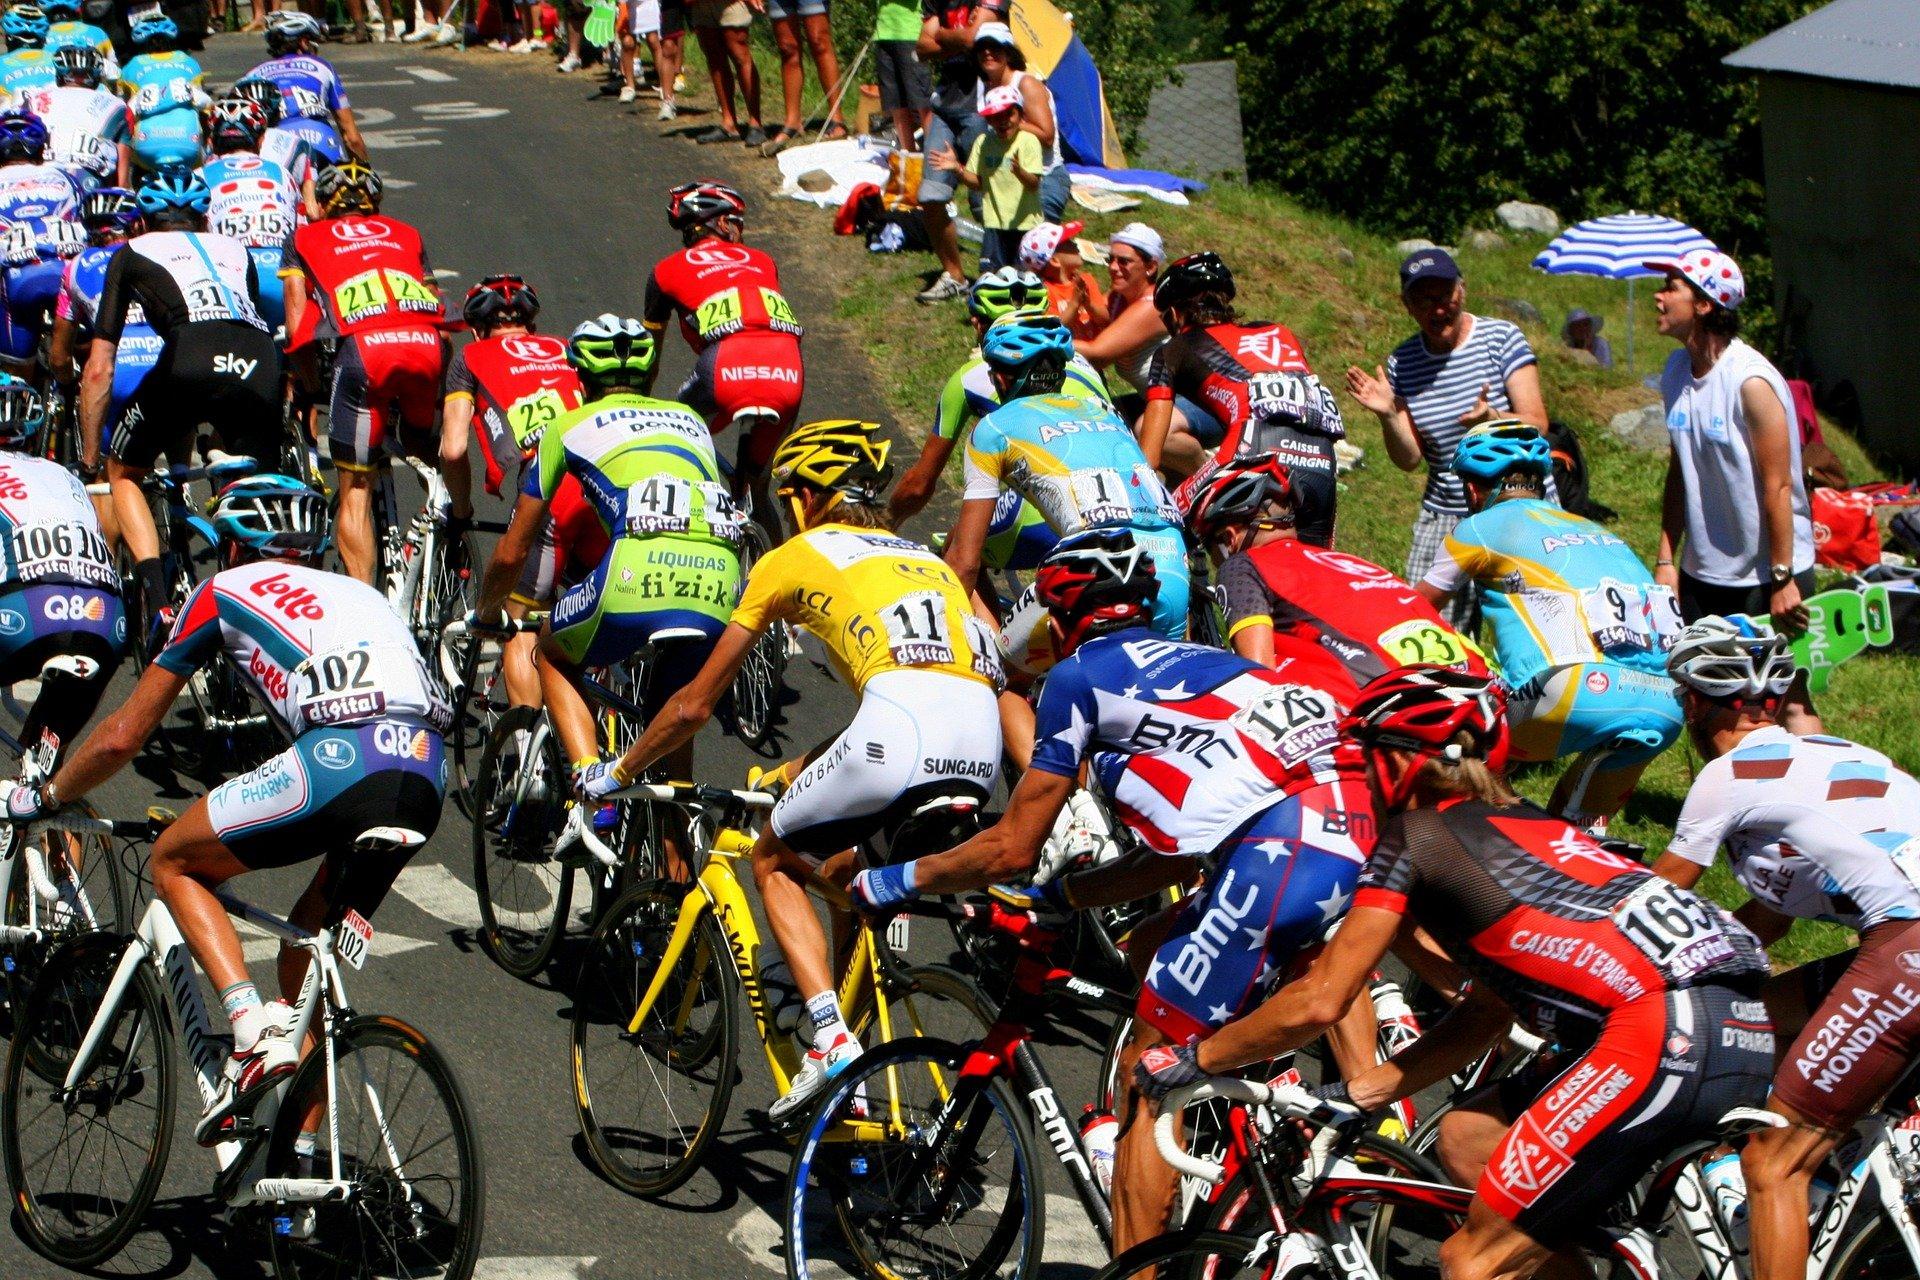 Tour de France: Das neue deutsche Giant-Alpecin-Team betreibt kein Haar-Doping